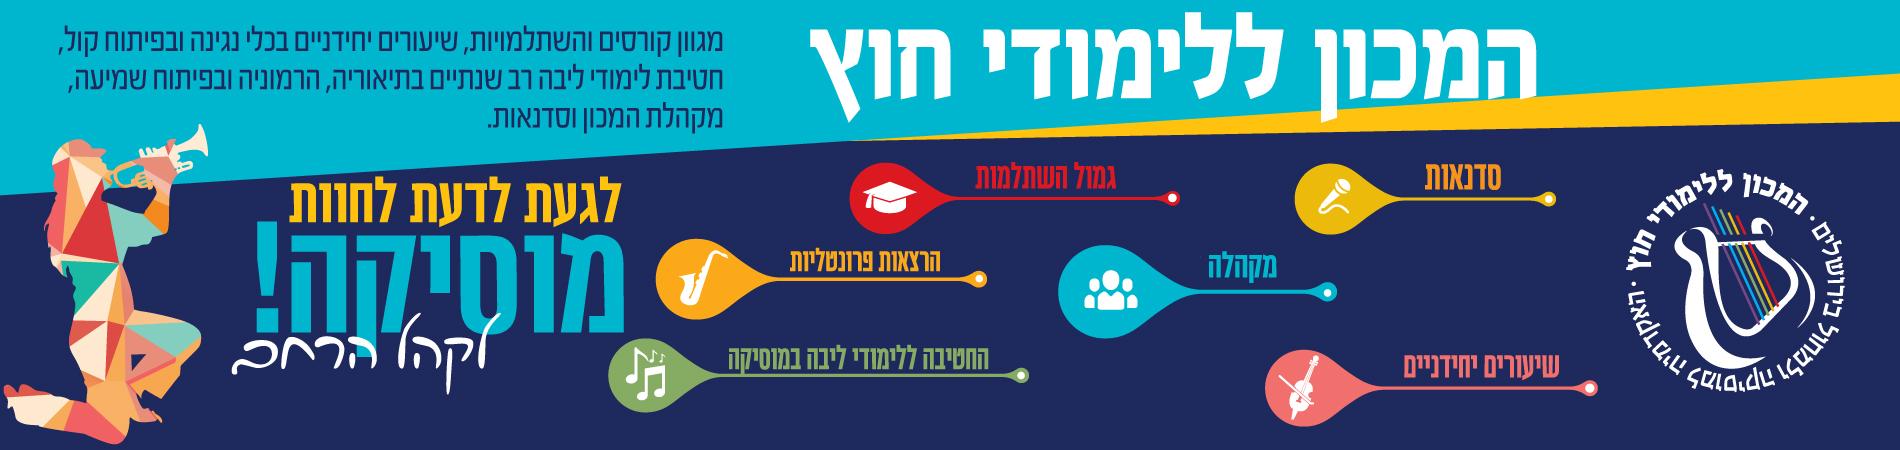 معهد الدراسات الخارجية - موسيقى للجمهور الواسع